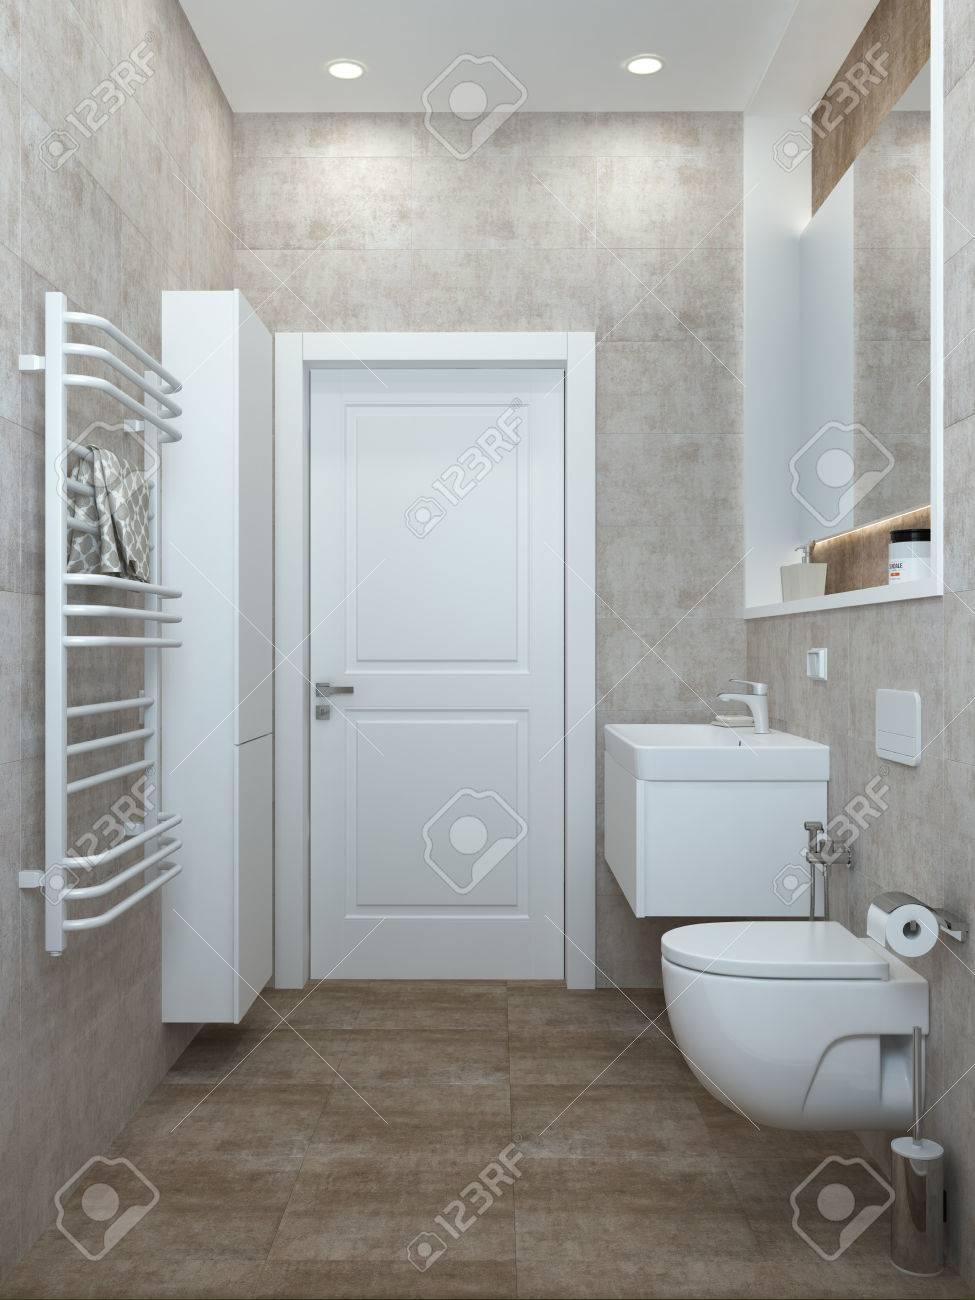 Badezimmer Modern In Pastellfarben Fur Ein Buro Oder Haus 3d Ubertragen Lizenzfreie Fotos Bilder Und Stock Fotografie Image 55431231